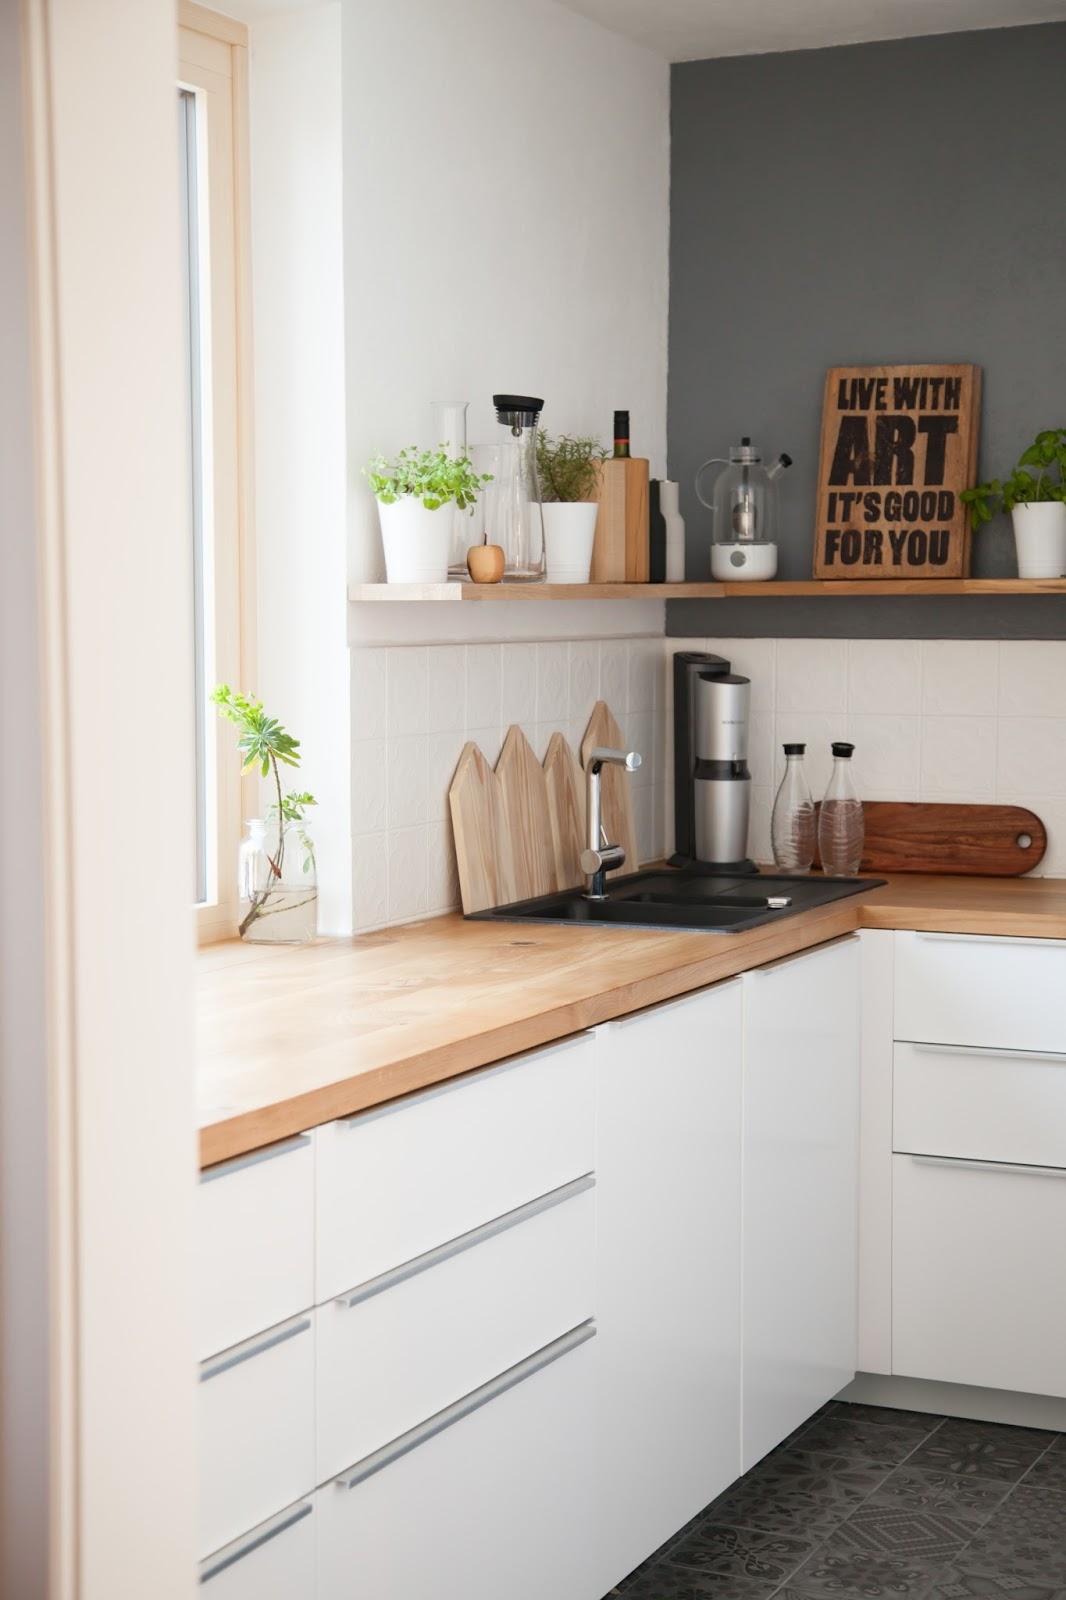 Ikea Kuche Kinder Schreibtisch Gebraucht Kaufen Luxus Kinder Kuche